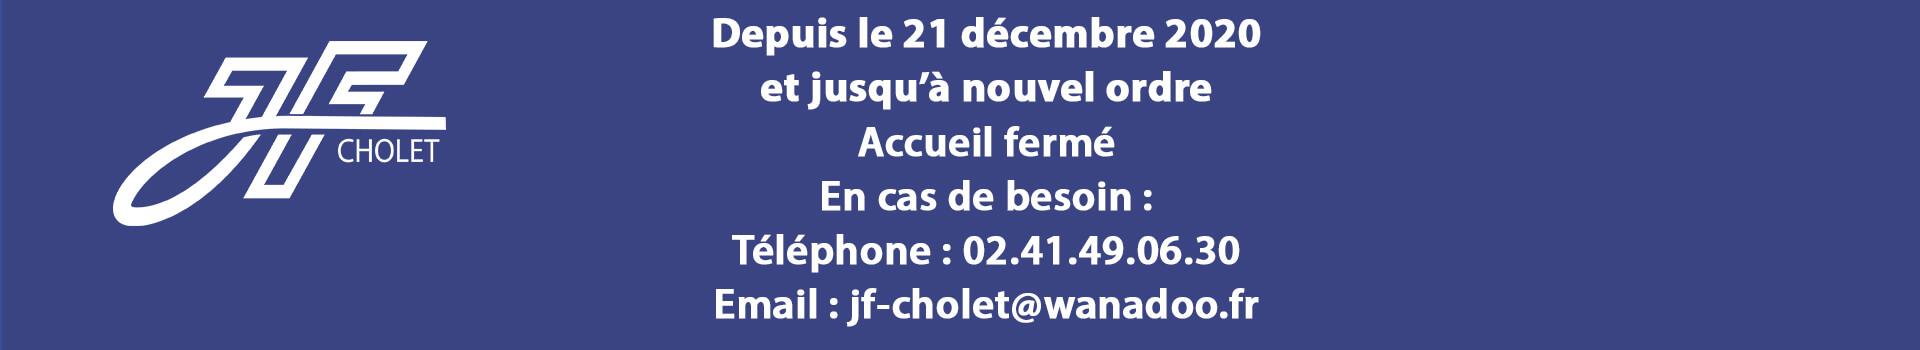 bandeau_accueil-fermé_20-21